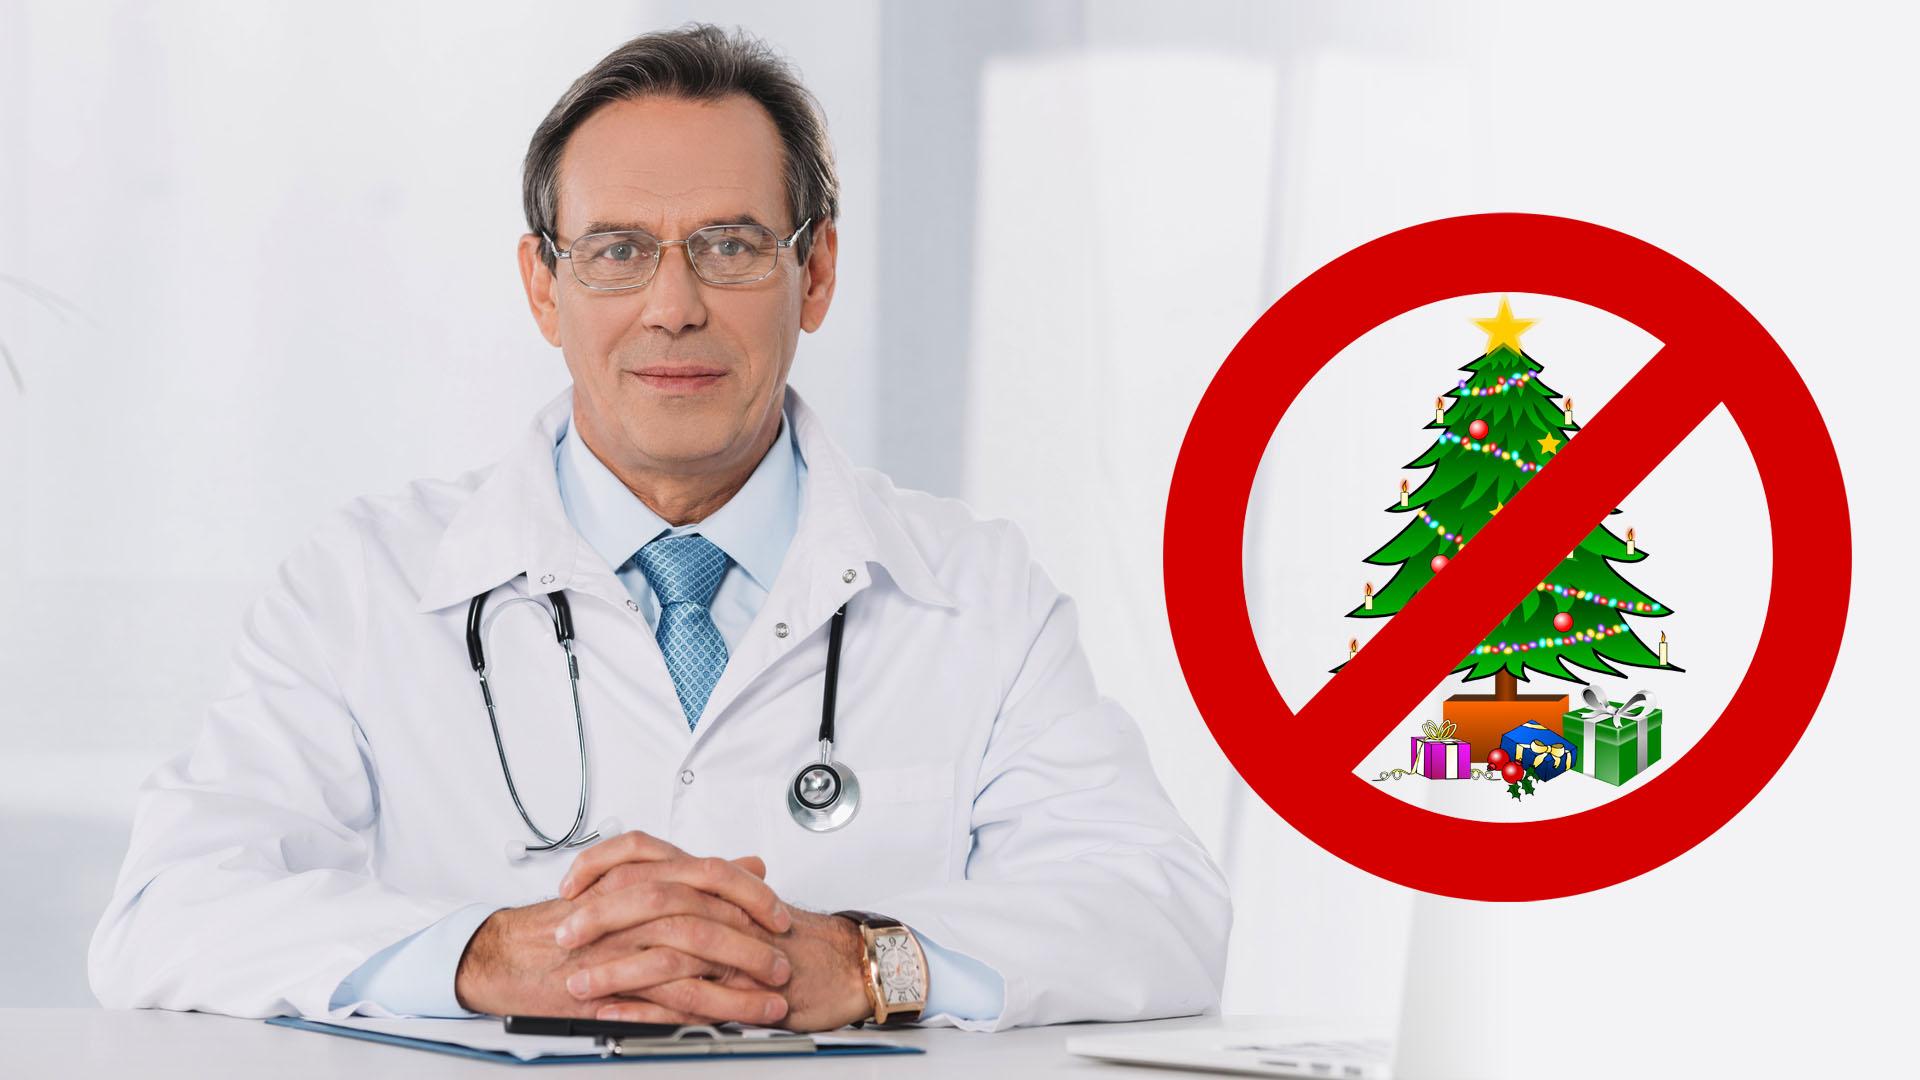 Will er Weihnachten verbieten? Dieser Arzt empfiehlt weniger als ...